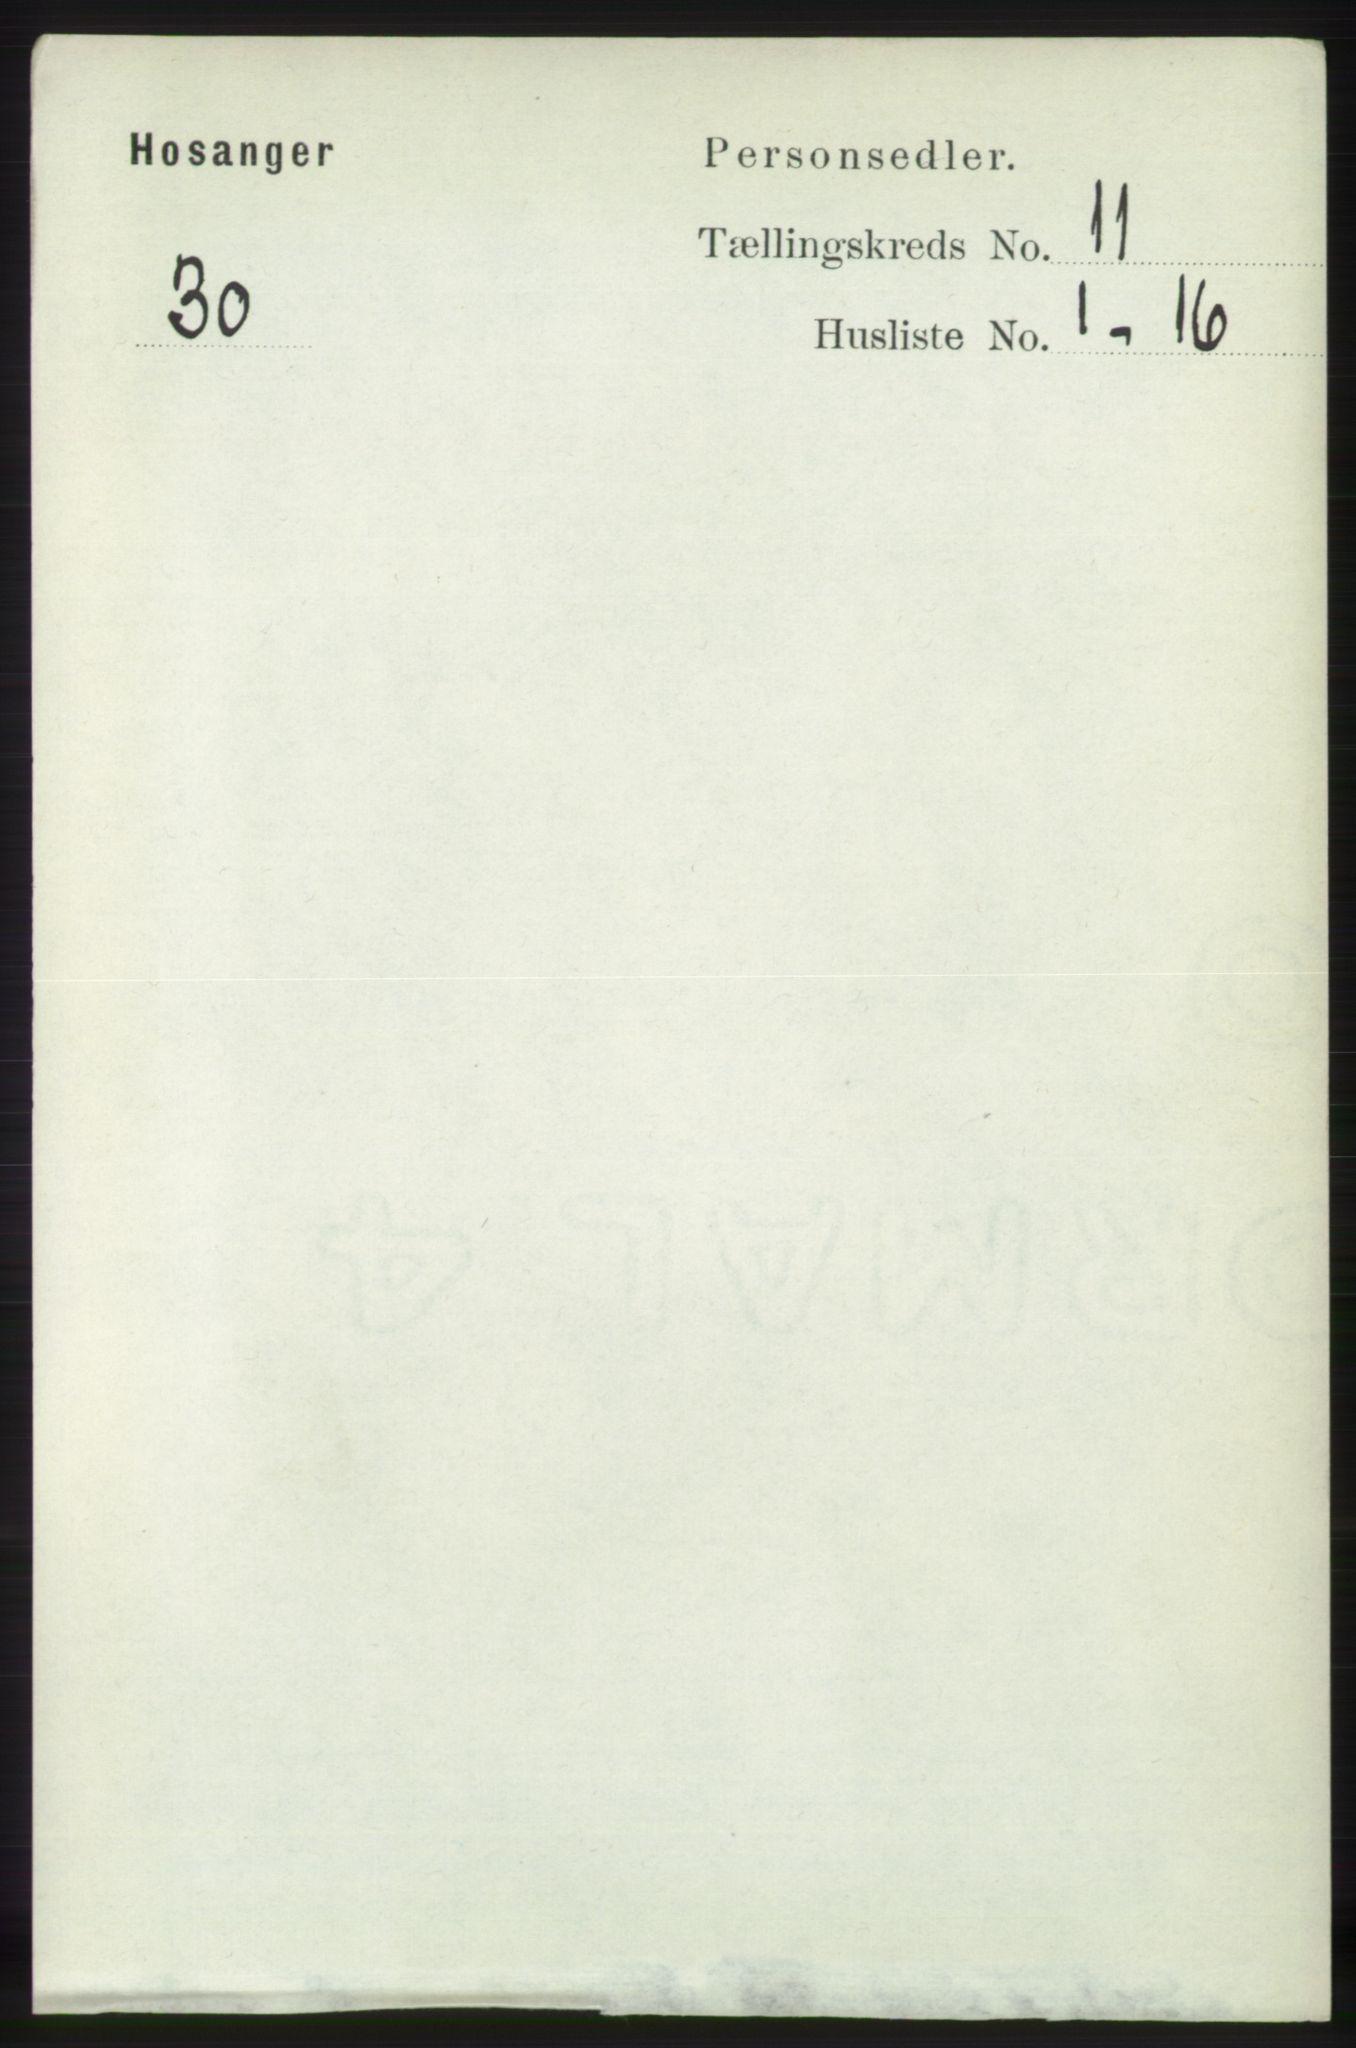 RA, Folketelling 1891 for 1253 Hosanger herred, 1891, s. 3691